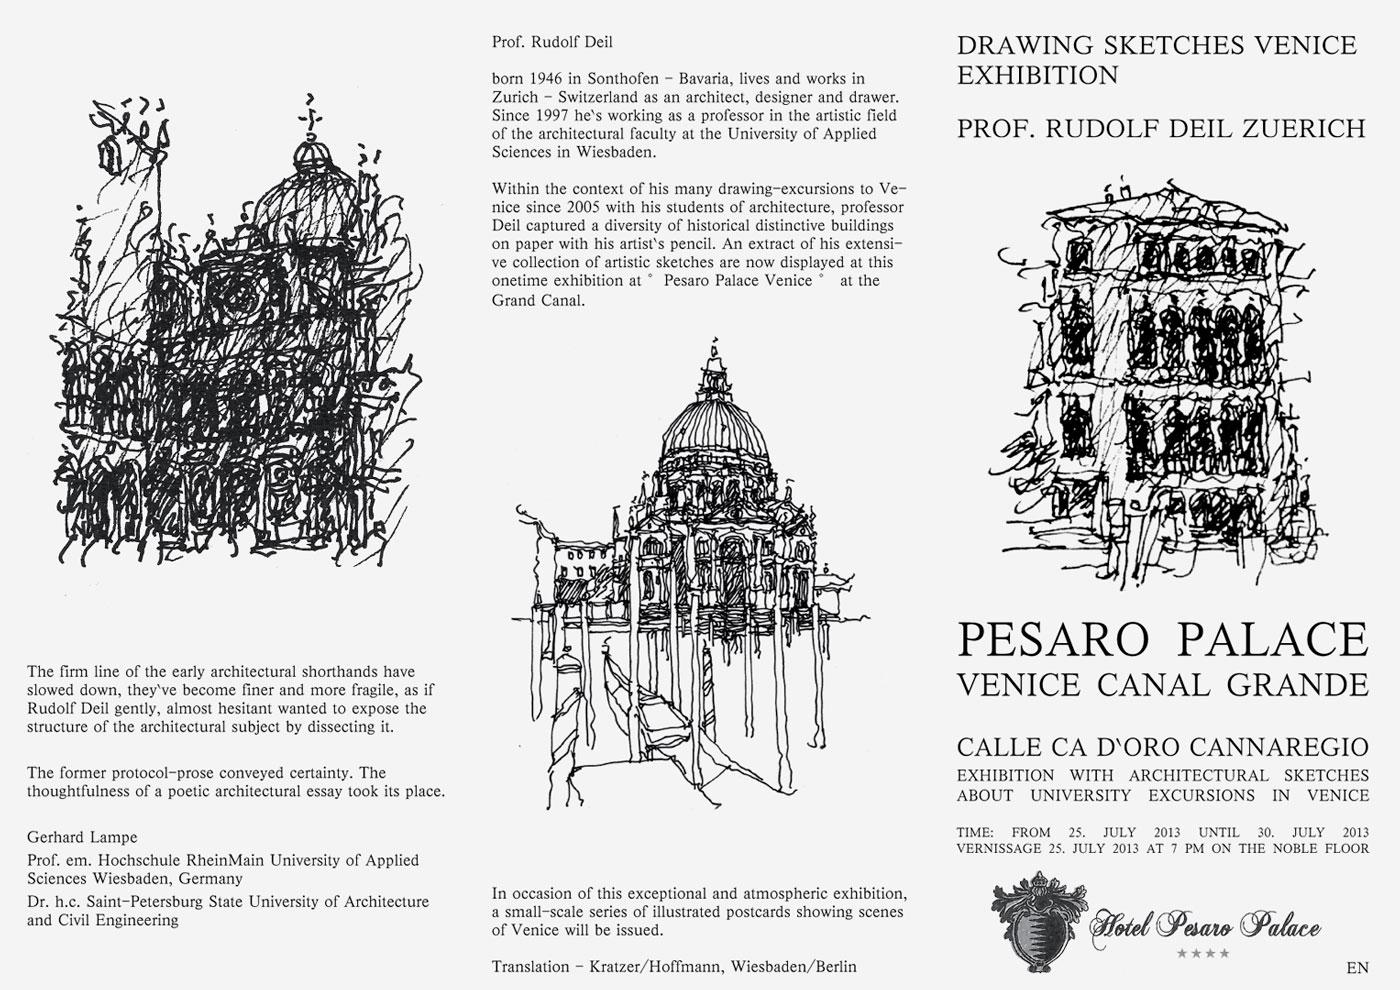 Ausstellungen-Venedig-Pesaro-Rudolf-Deil-01